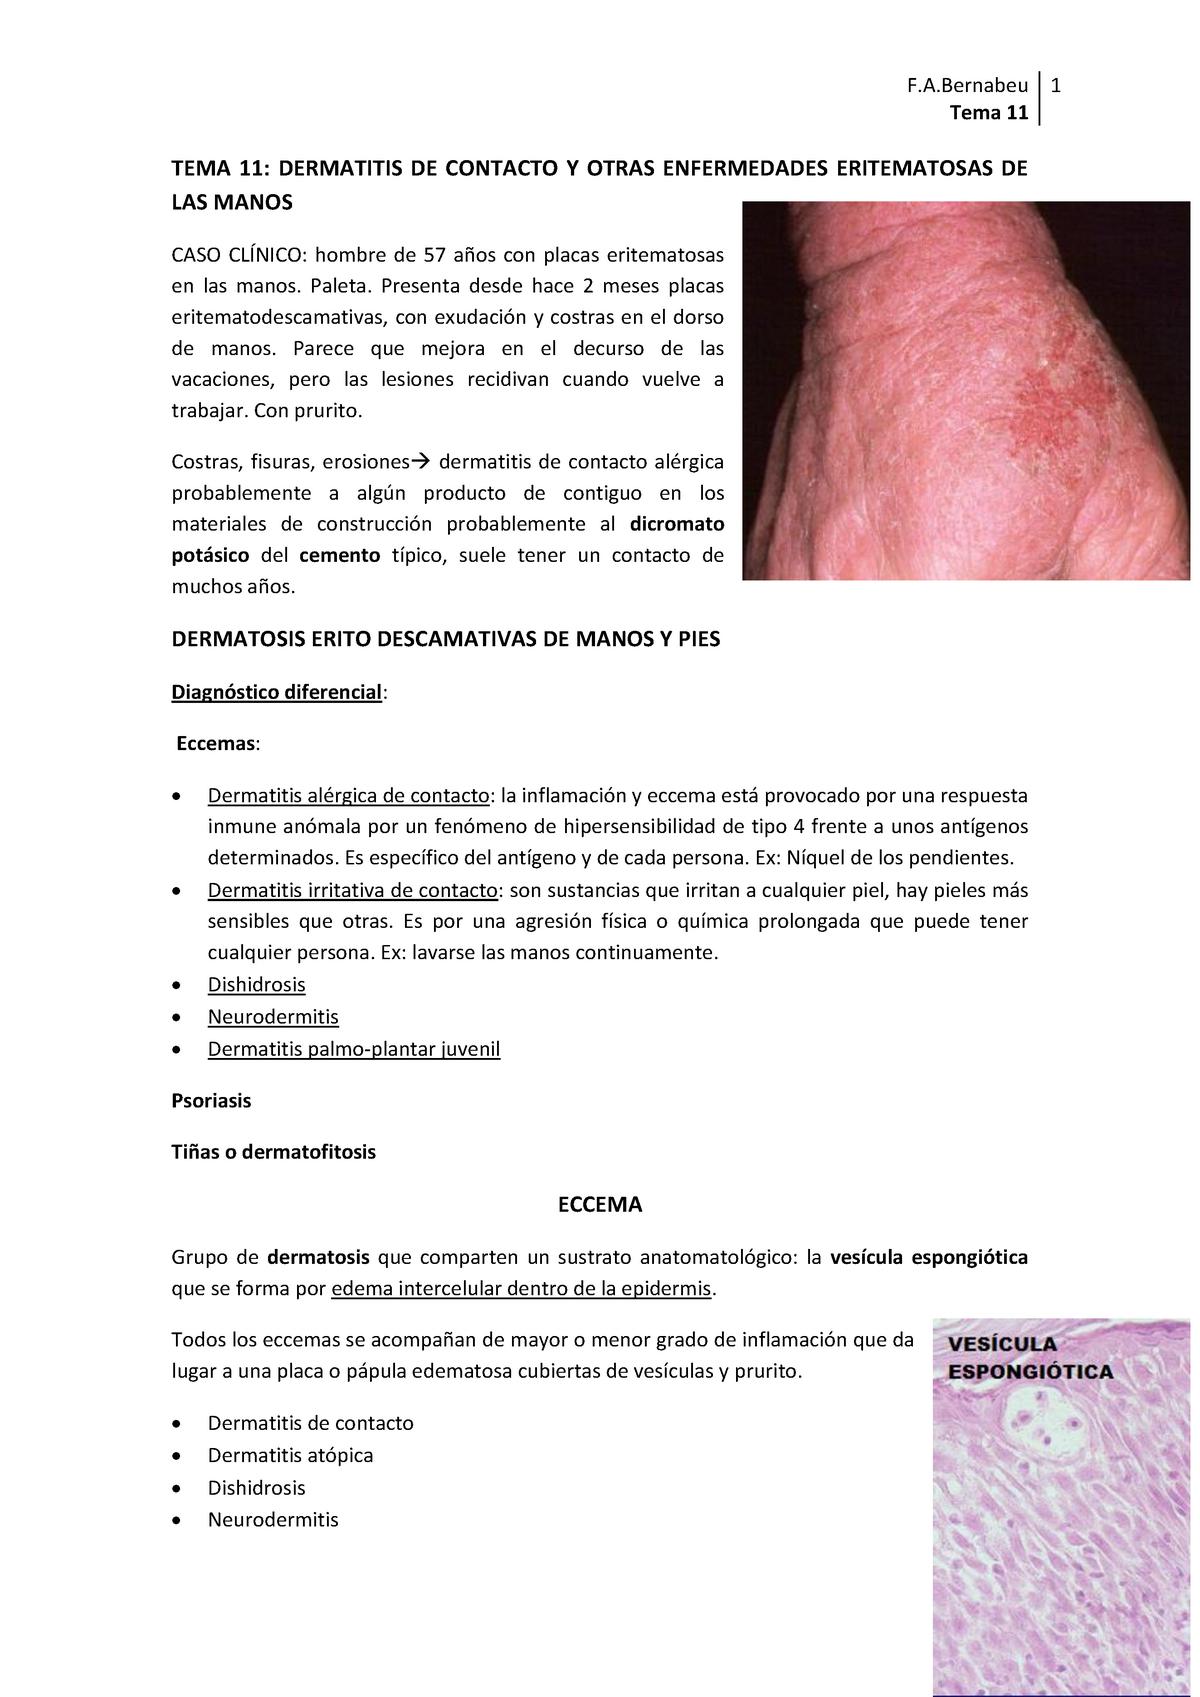 Dermatitis de contacto en manos y pies